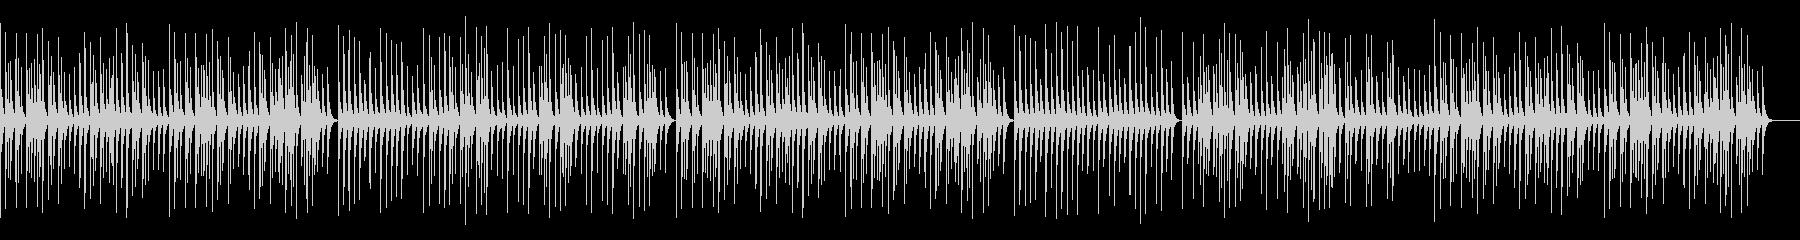 のんびりとした静かな木琴/施設BGMの未再生の波形